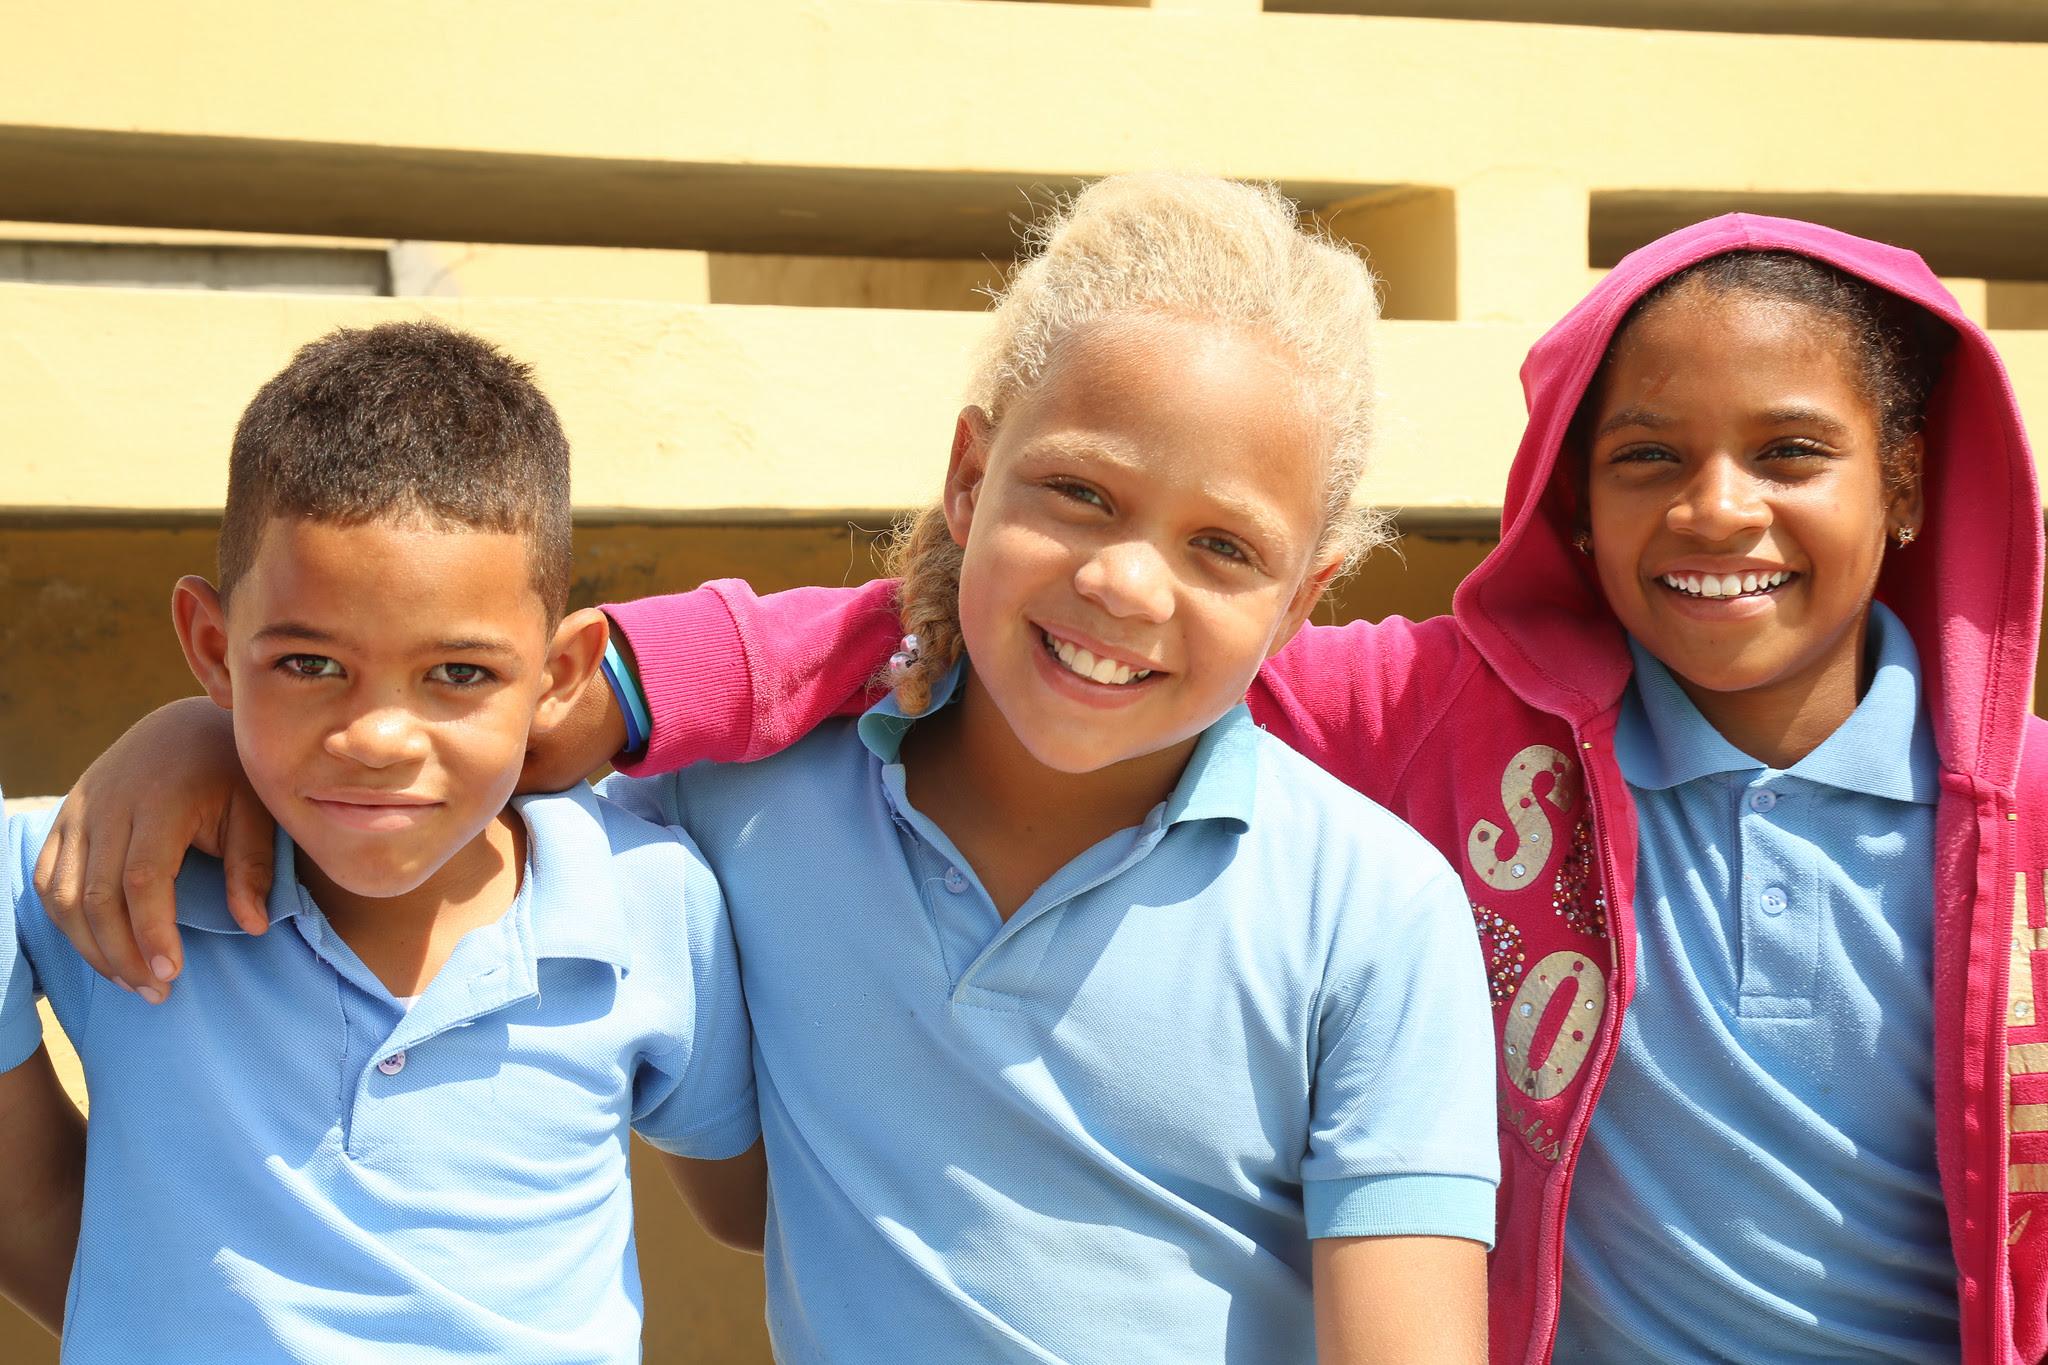 , Estudiantes de Cabeza de Toro, Bahoruco, reciben con algarabía anhelado Centro Educativo Nivel Secundario